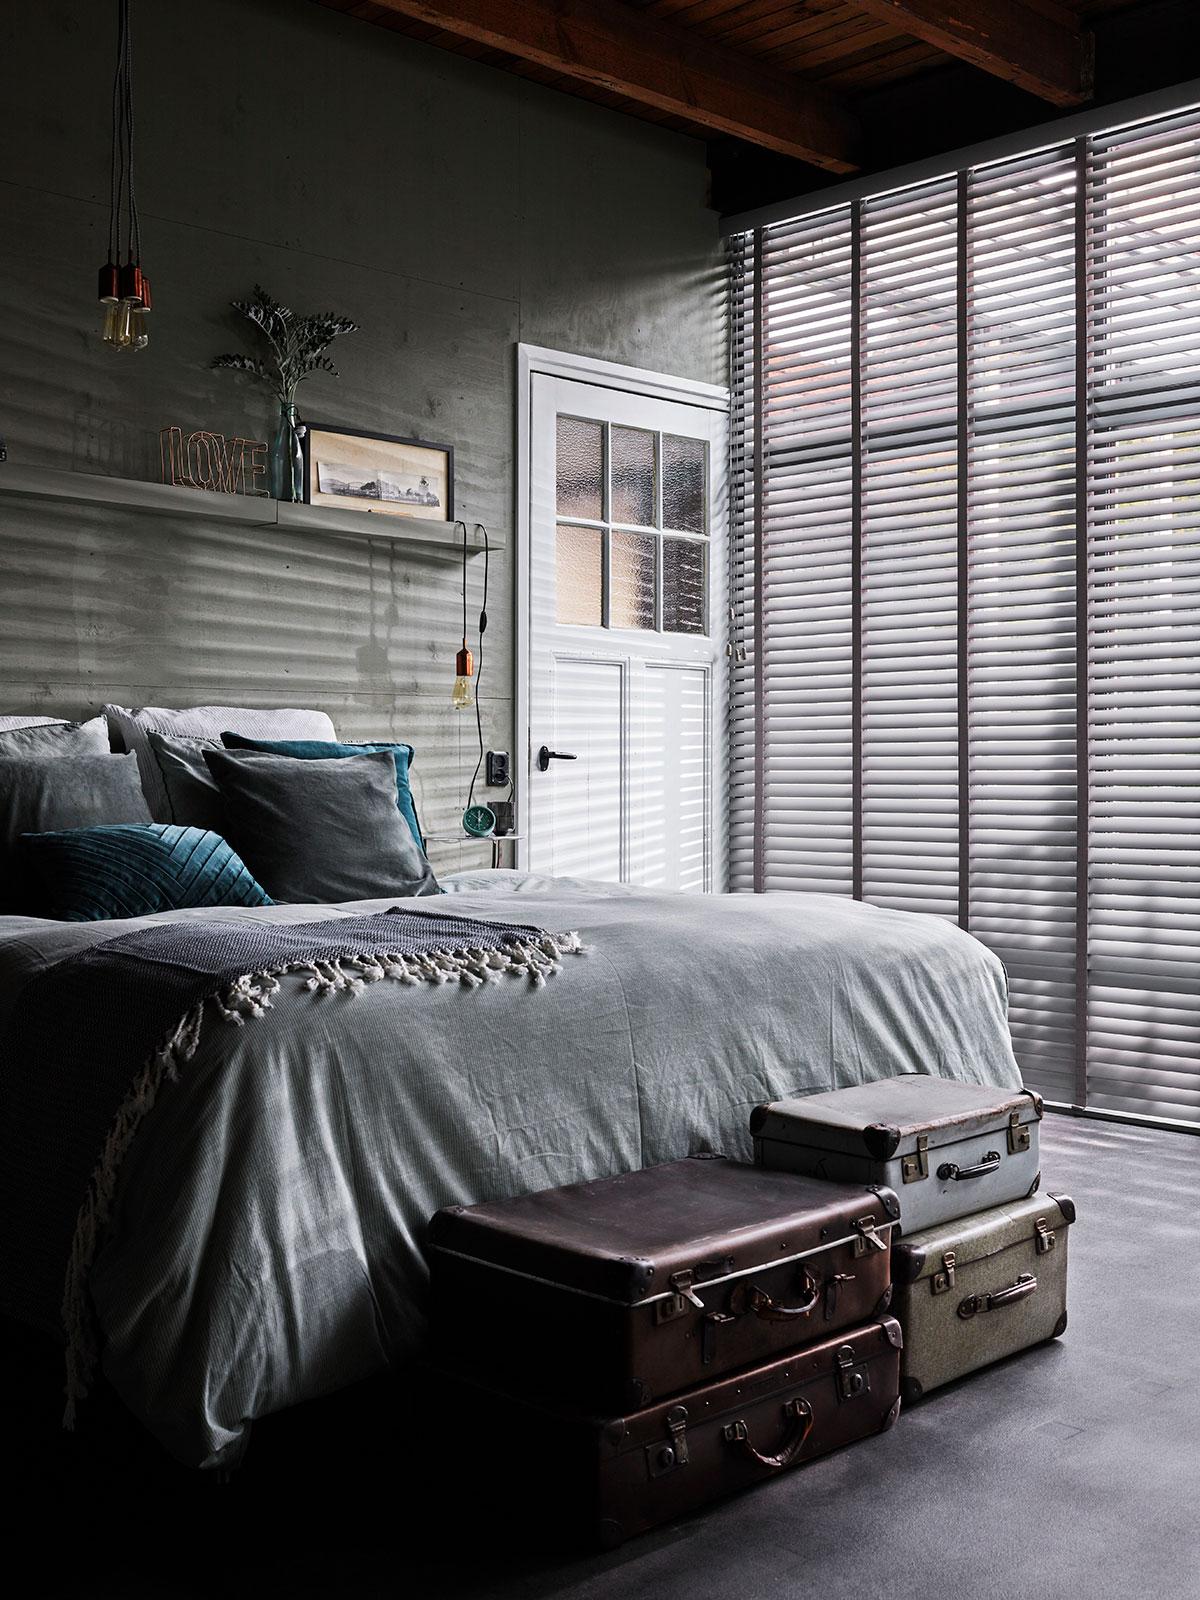 Raamdecoratie - Groenevelt Zonwering & Raamdecoratie